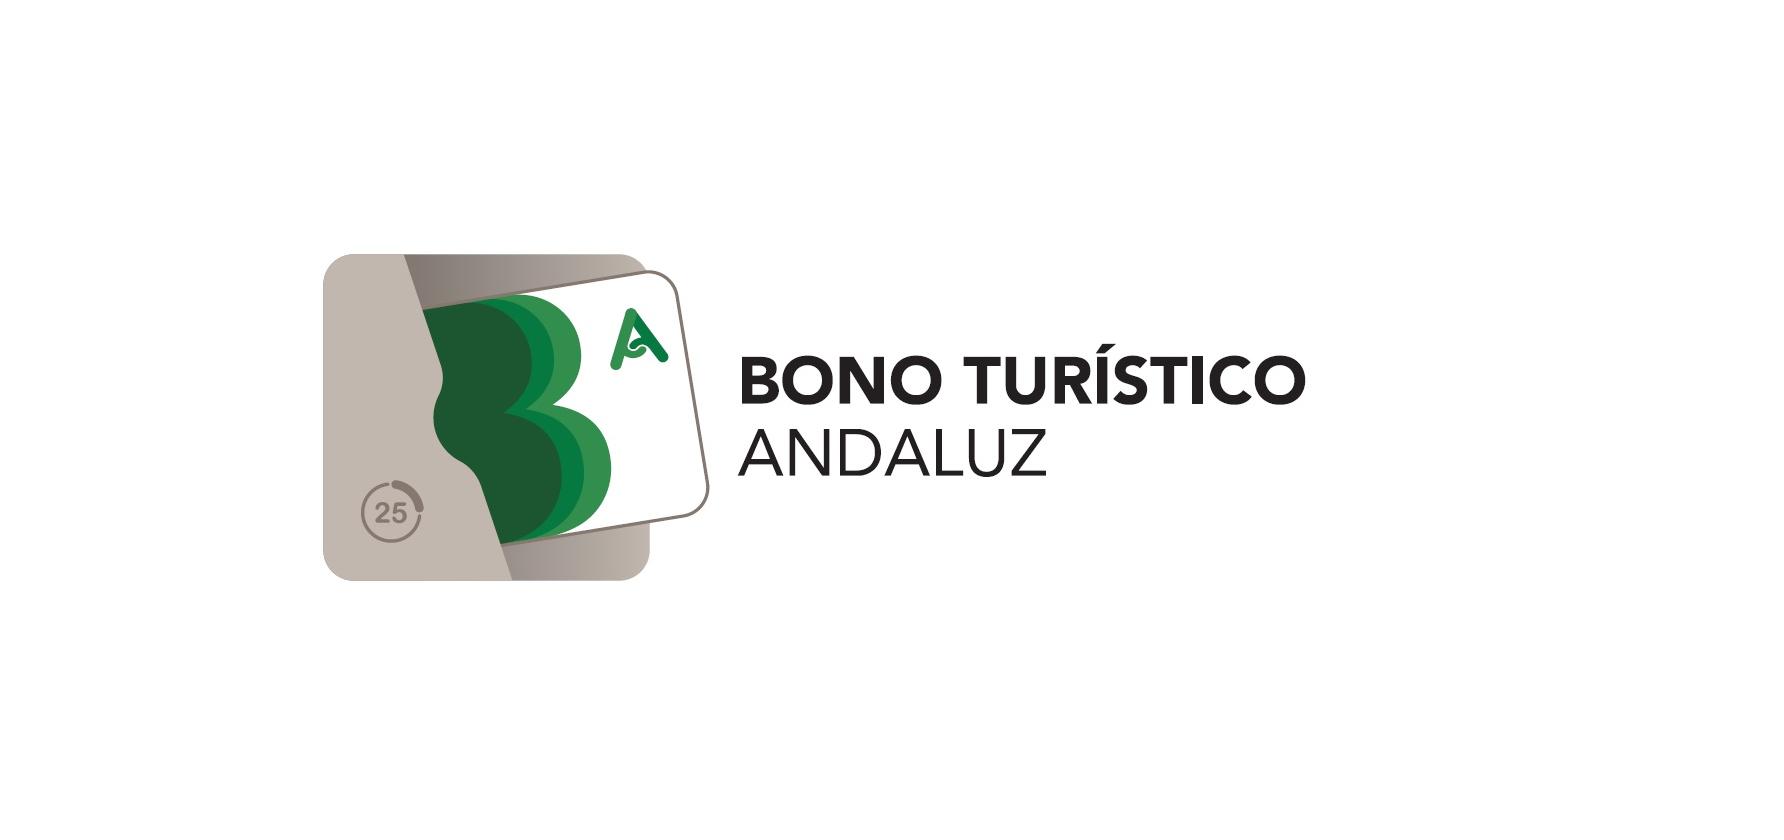 Bono turístico cabecera web